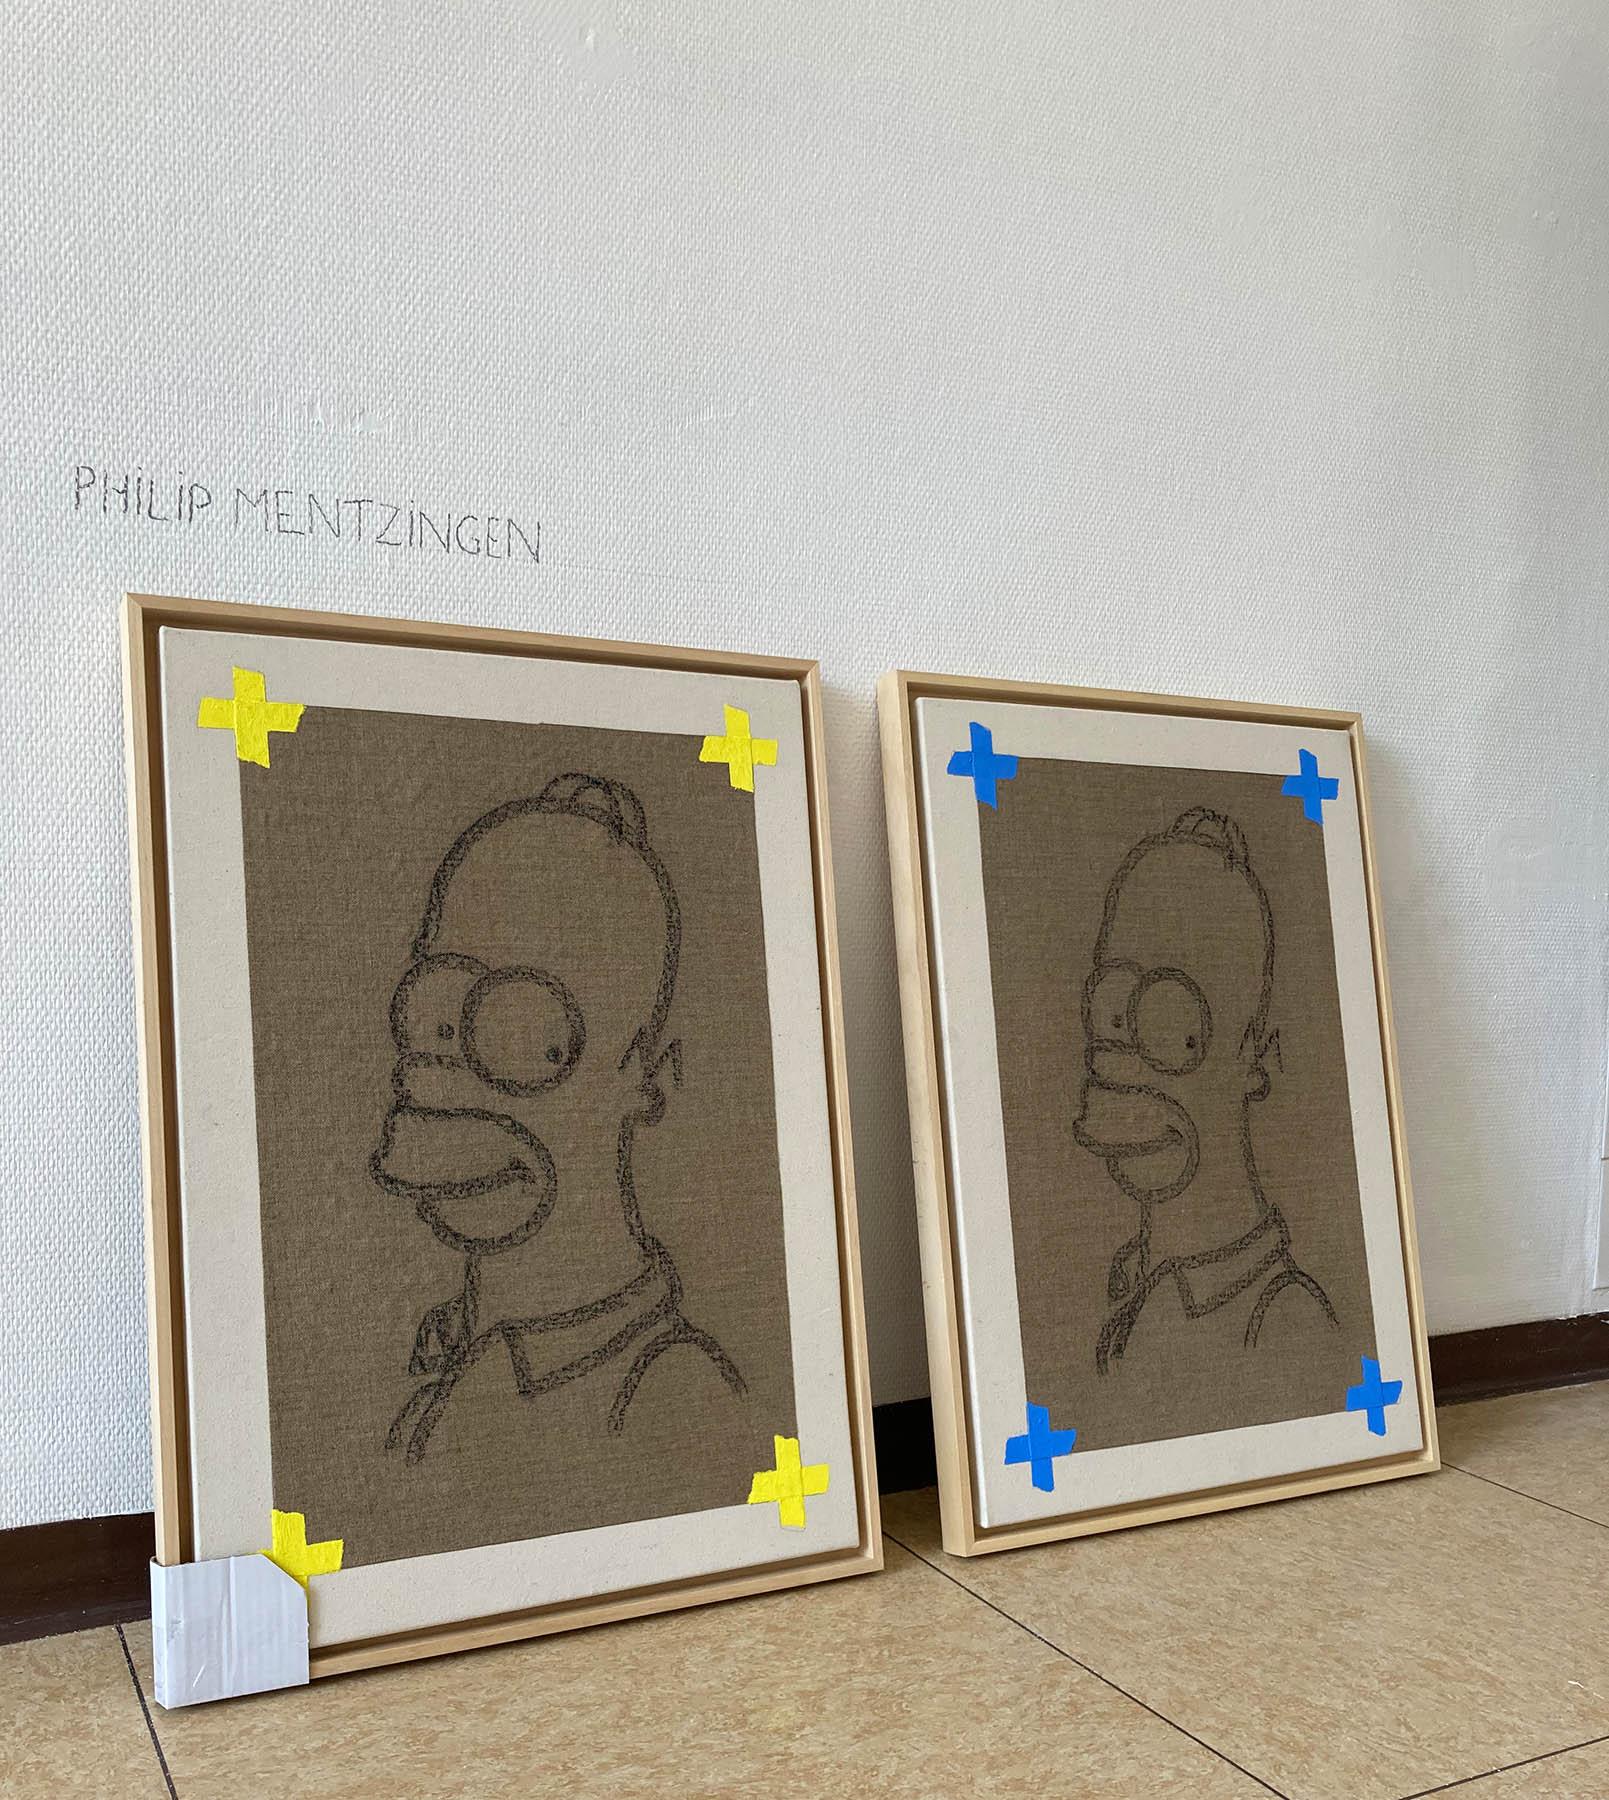 tassilo usner, philip mentzingen, gallery projects, parallel